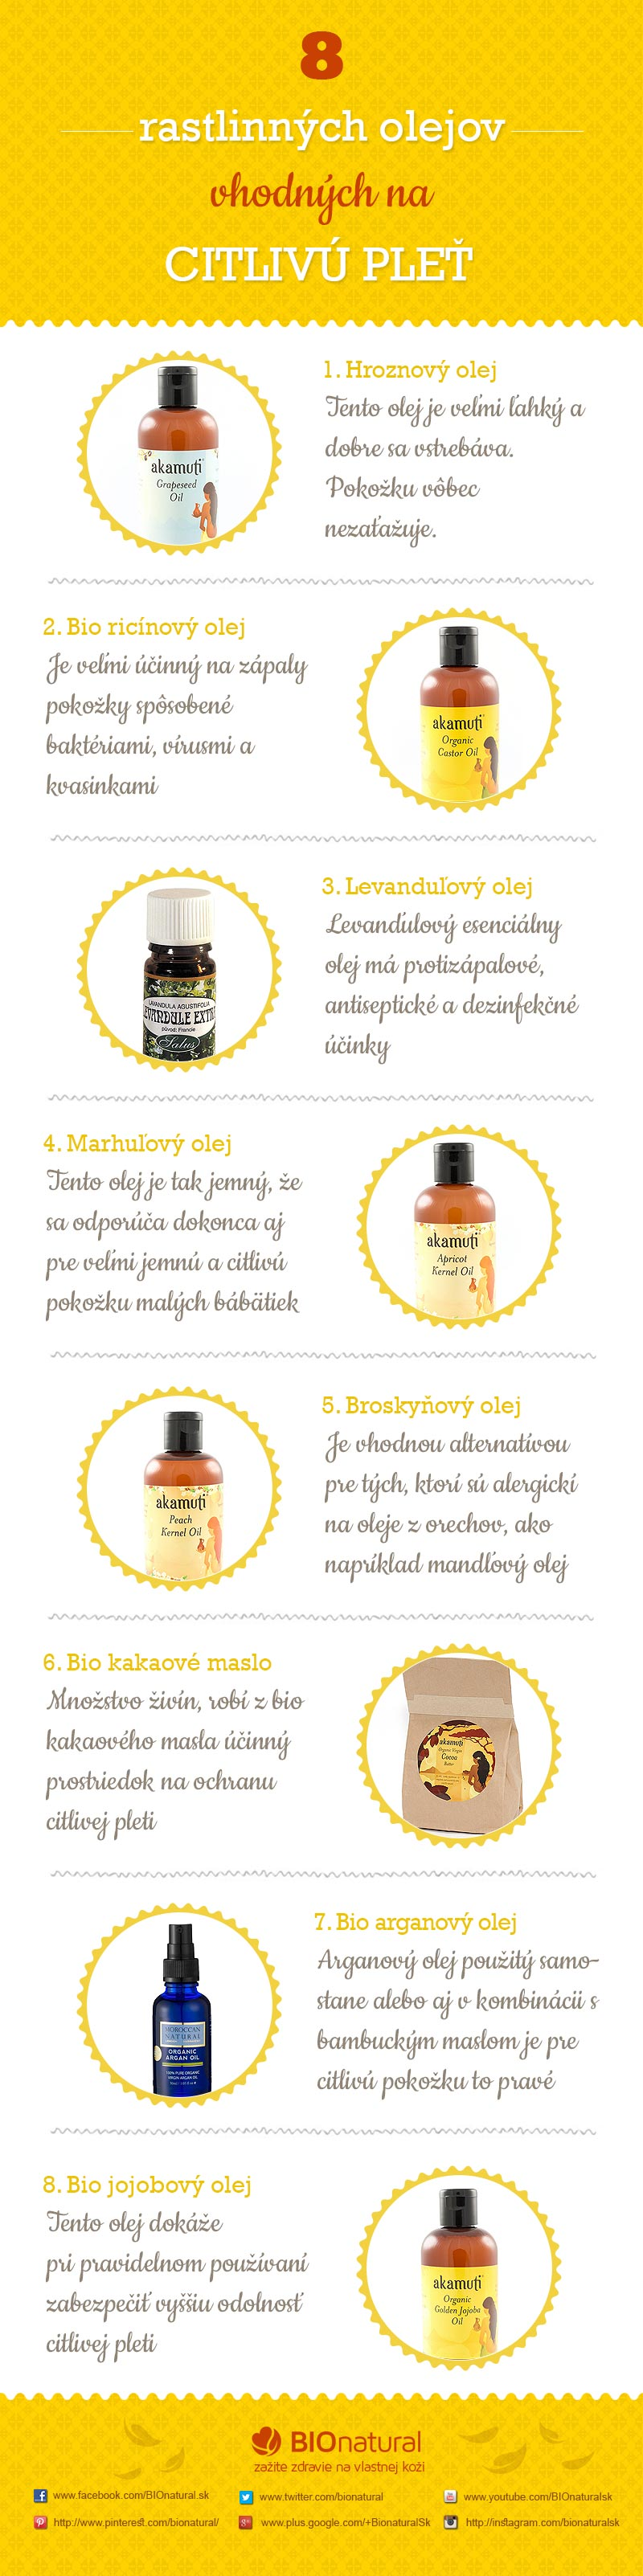 8 rastlinných olejov vhodných na citlivú pleť [Infografika]